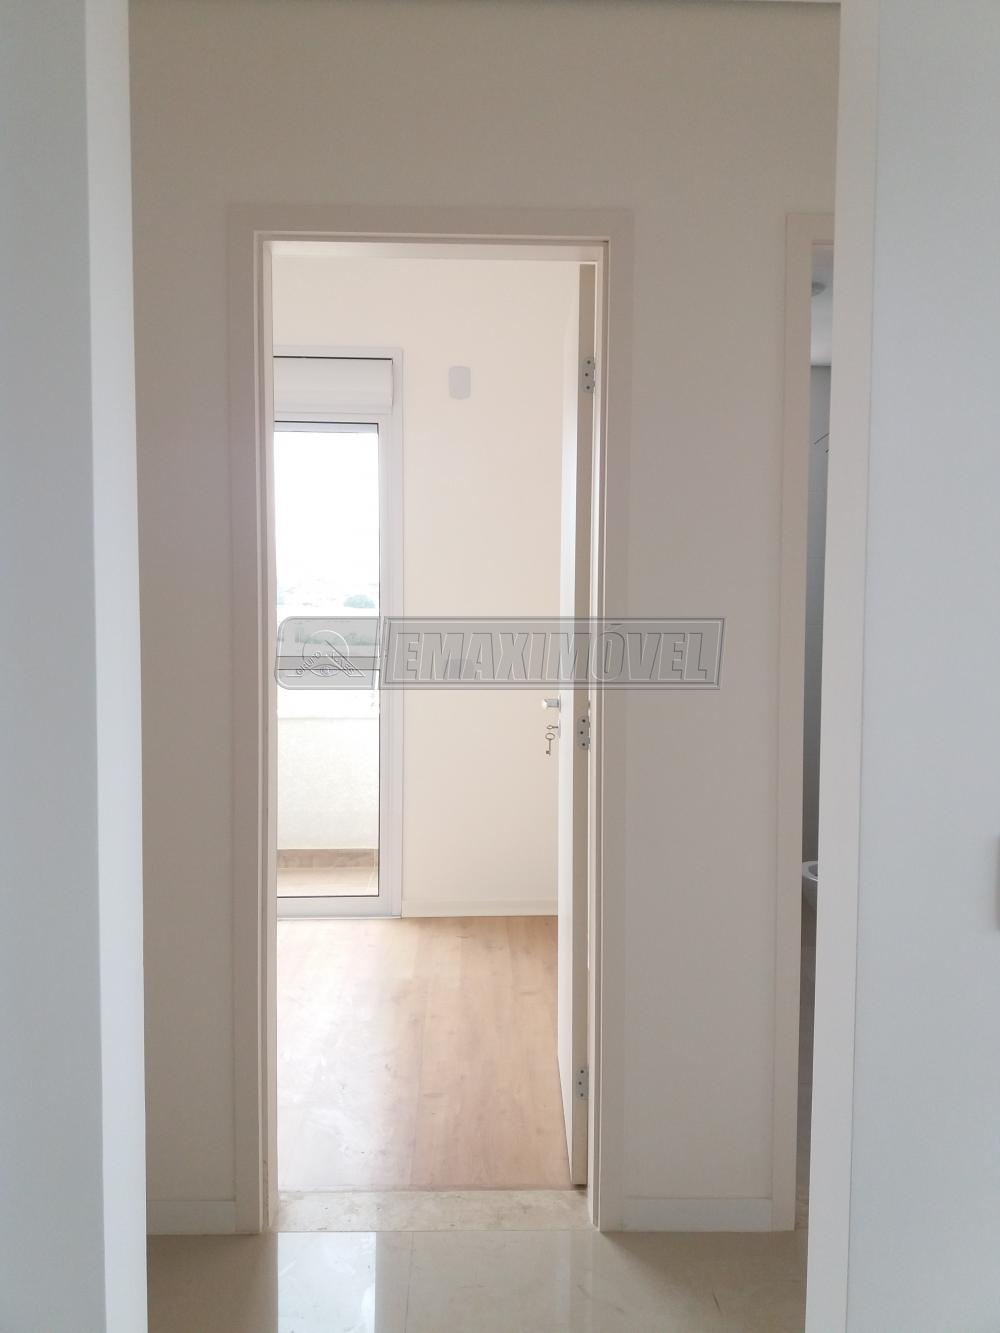 Comprar Apartamentos / Apto Padrão em Sorocaba apenas R$ 520.000,00 - Foto 8